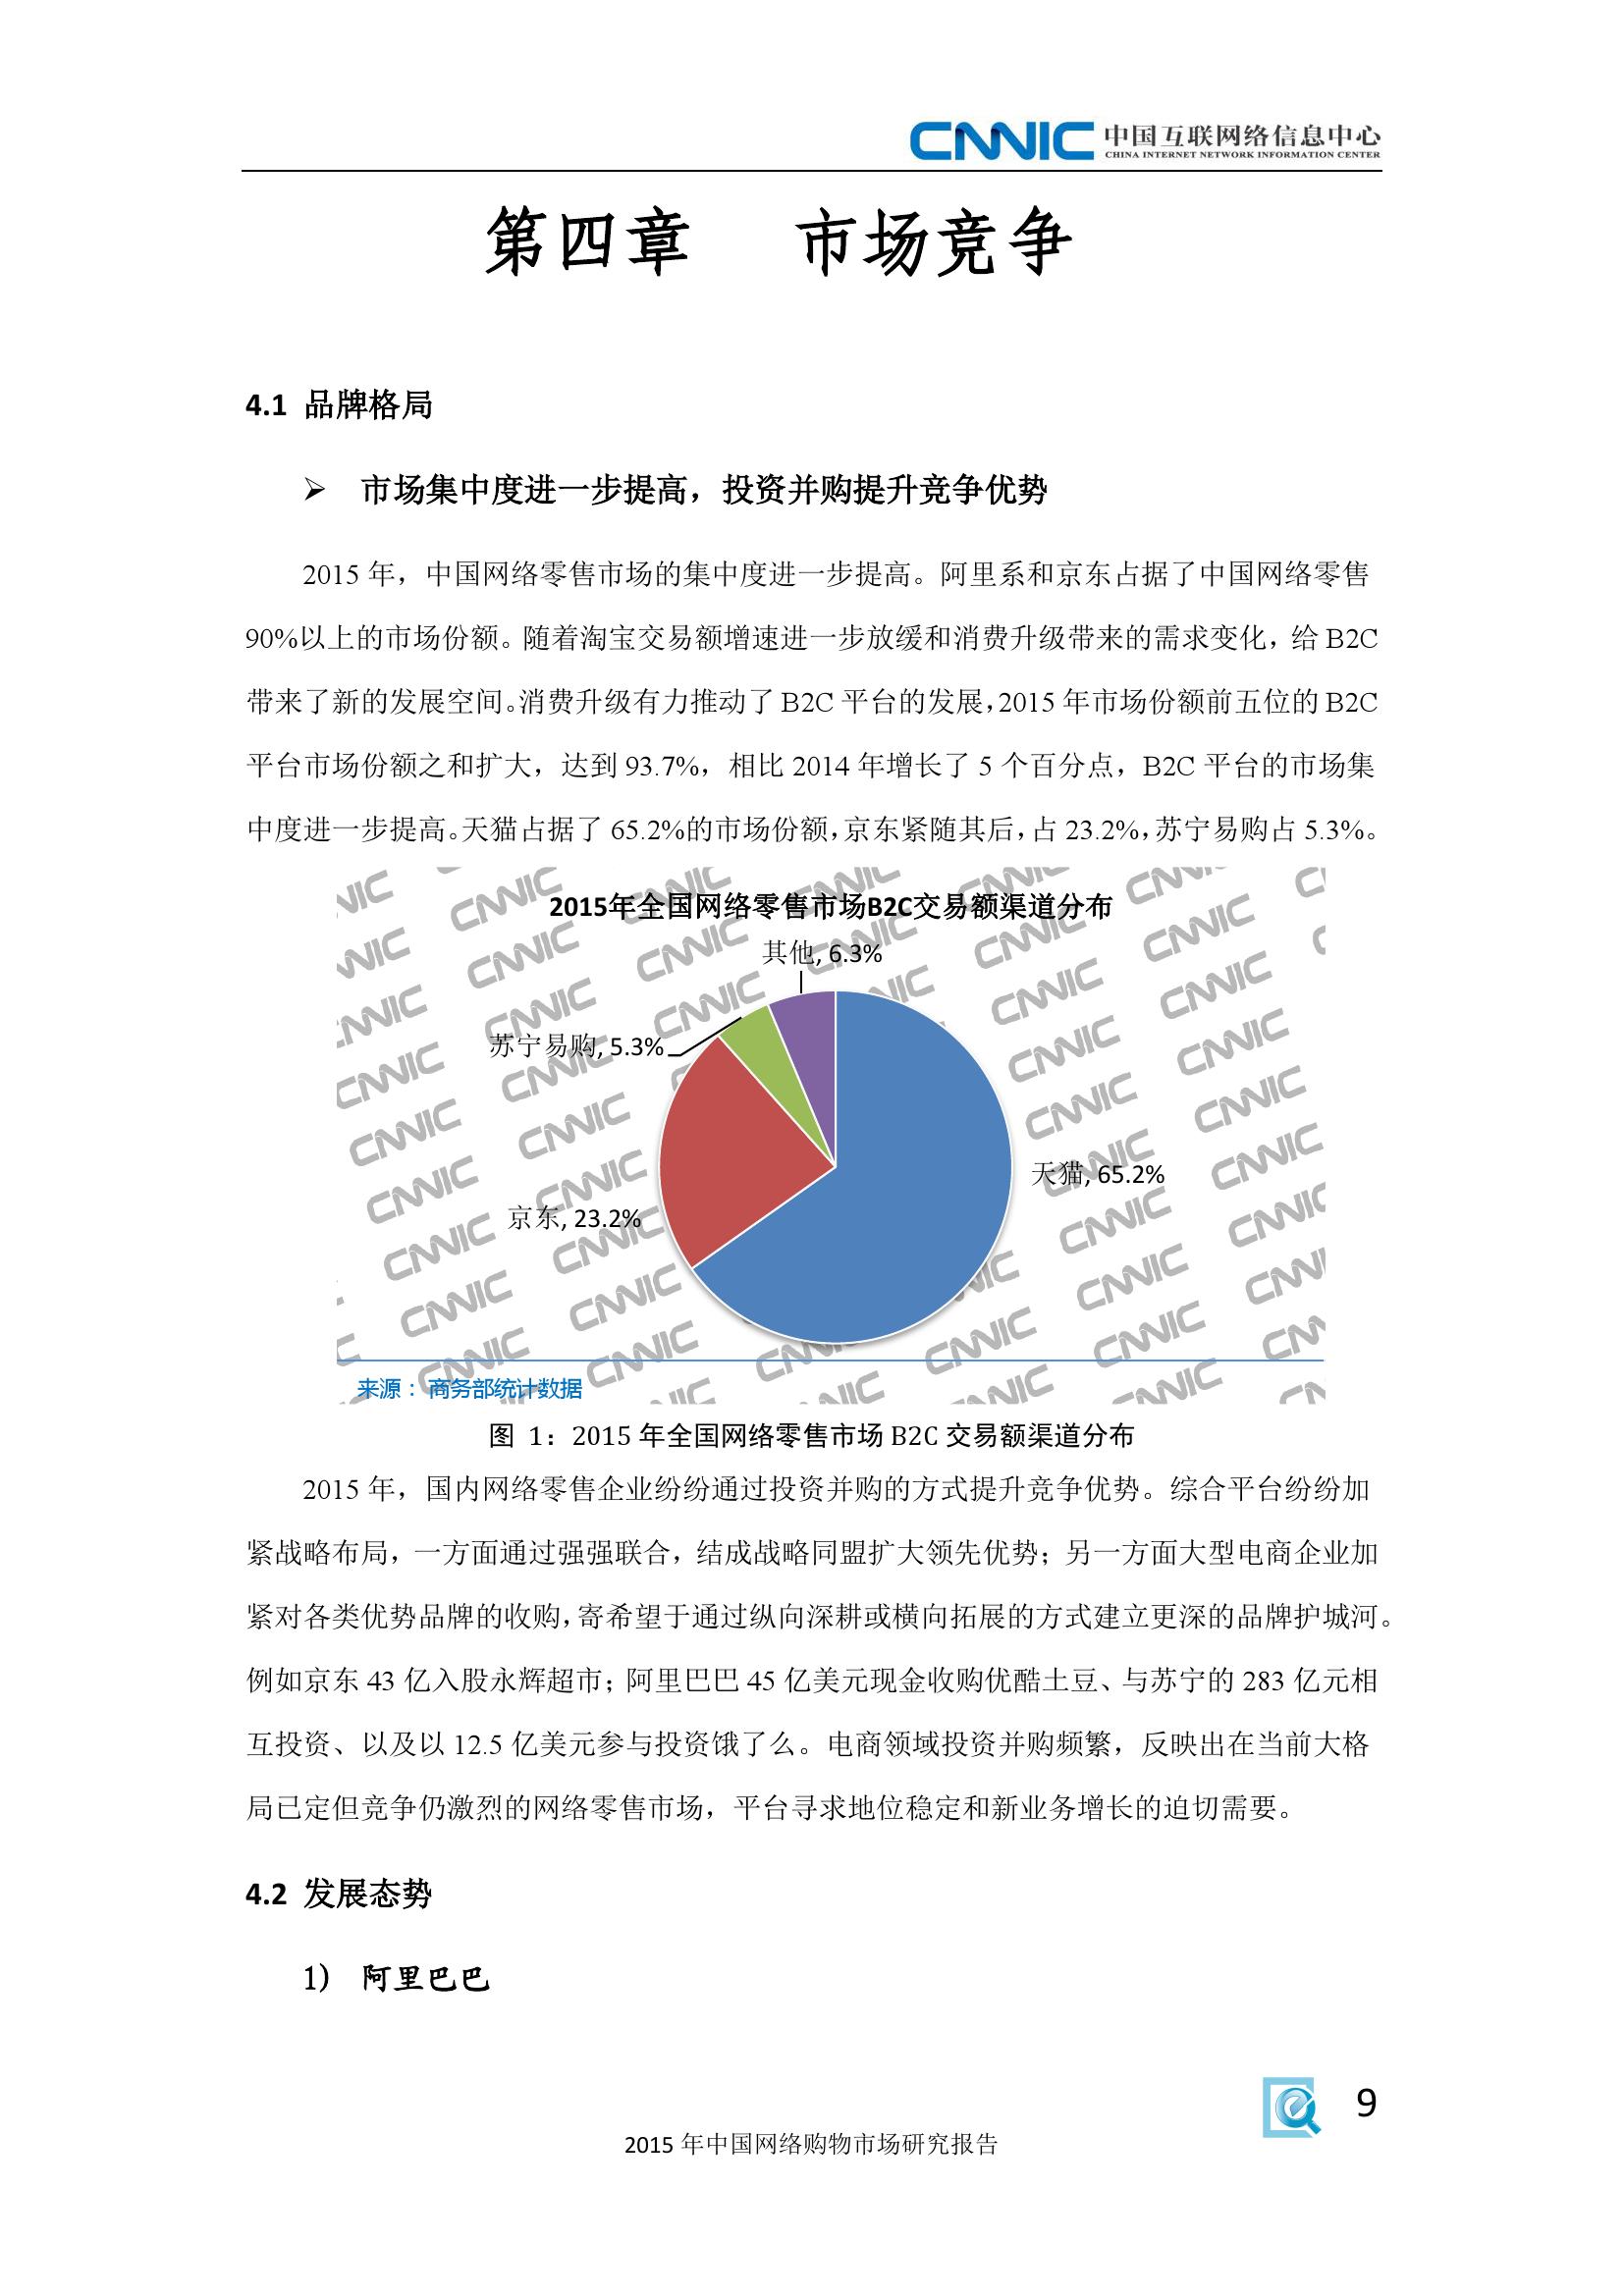 2015年中国网络购物市场研究报告_000017